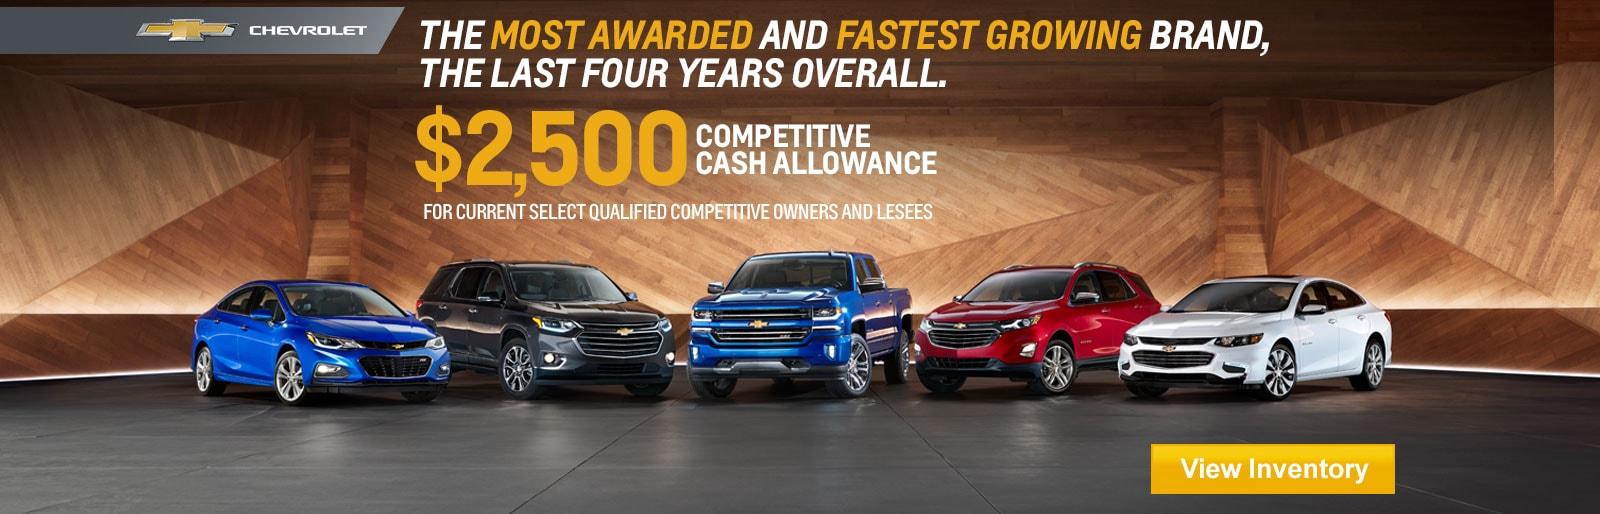 Sandy Sansing Chevrolet New Chevrolet Dealership In Pensacola - Chevrolet dealer com